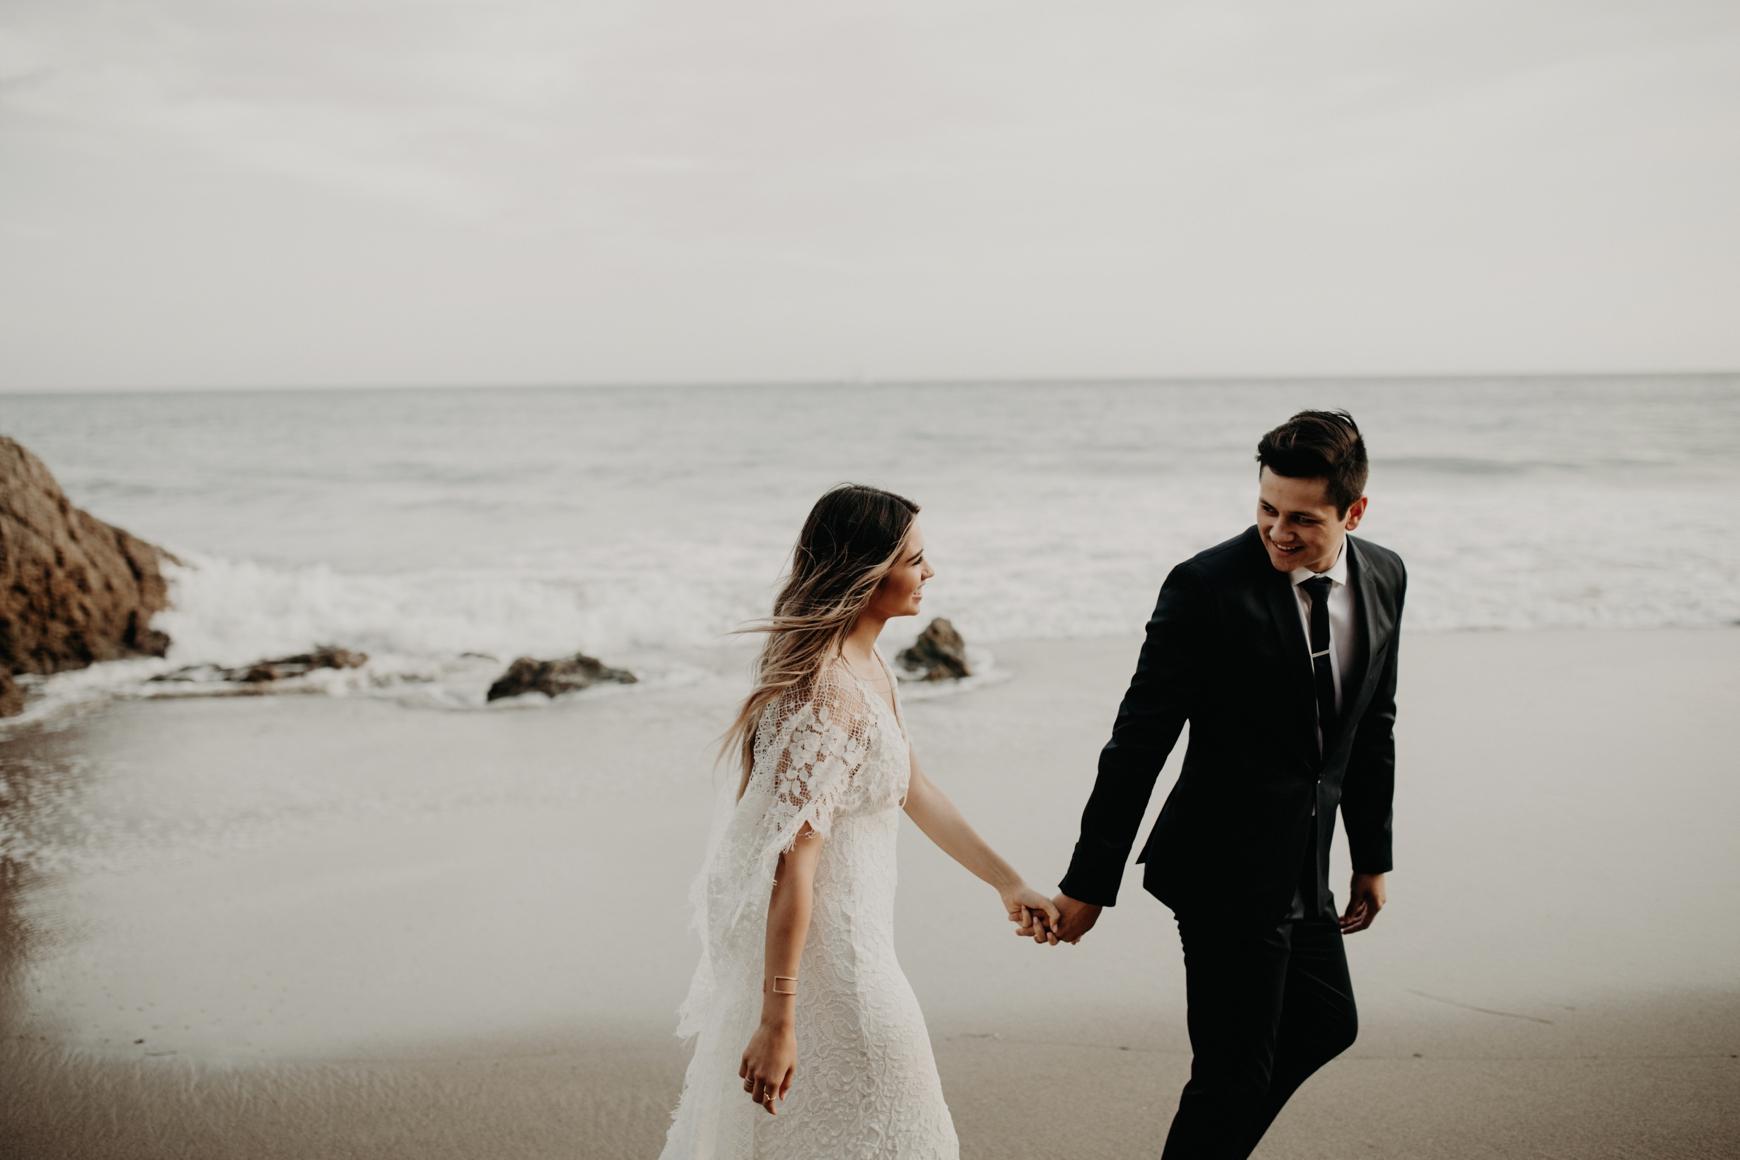 El Matador Beach Bridal Portraits Justellen & TJ Emily Magers Photography-245Emily Magers Photography.jpg